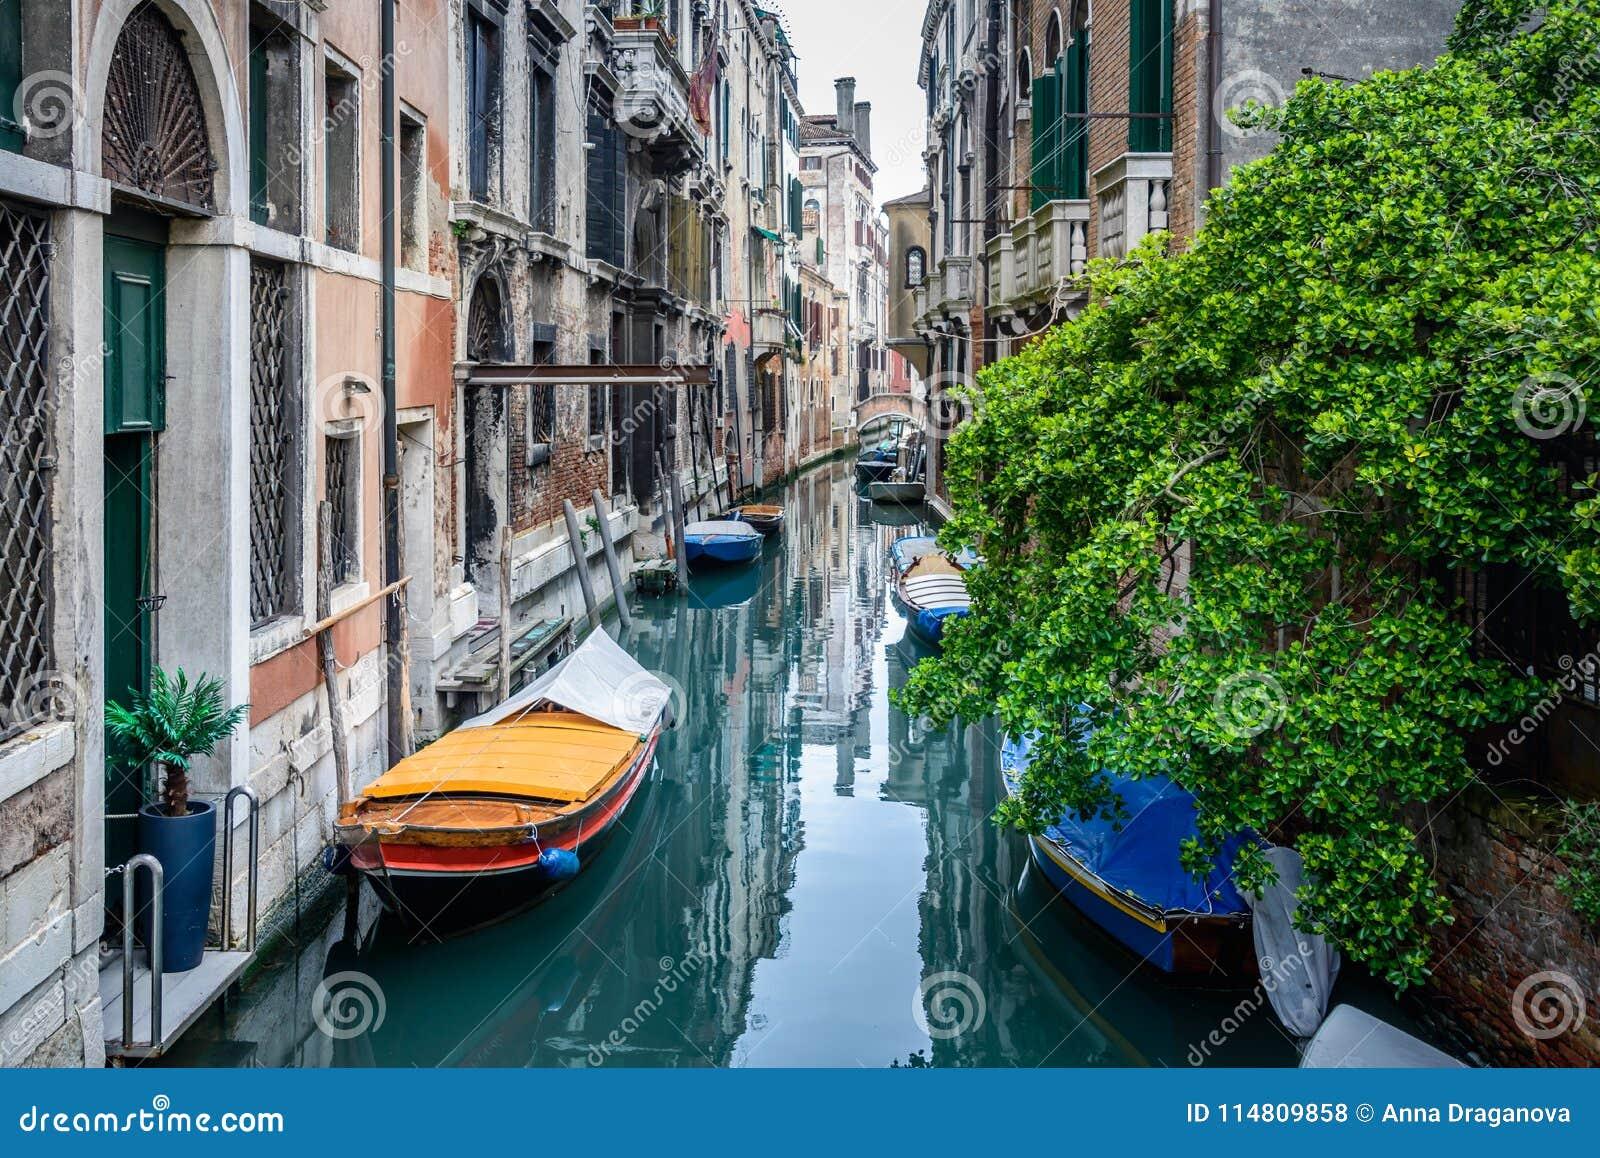 Άποψη του παραδοσιακού καναλιού της Βενετίας με τις βάρκες Η Βενετία είναι ένας δημοφιλής τόπος προορισμού τουριστών της Ευρώπης